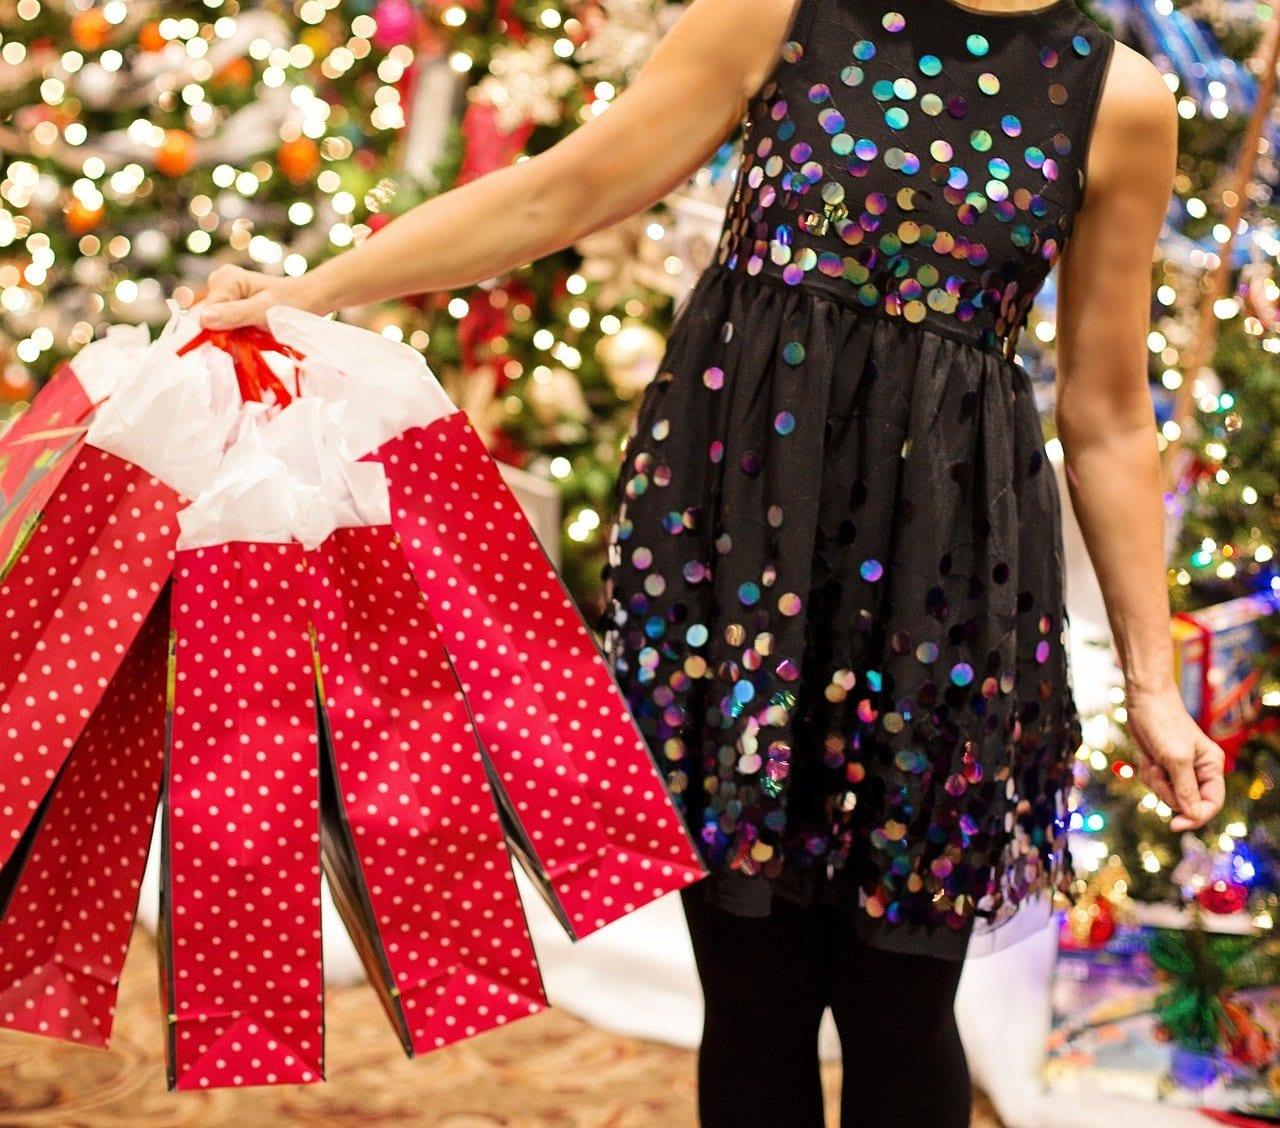 Χριστούγεννα 2019 εορταστικό ωράριο καταστημάτων - μαγαζιών